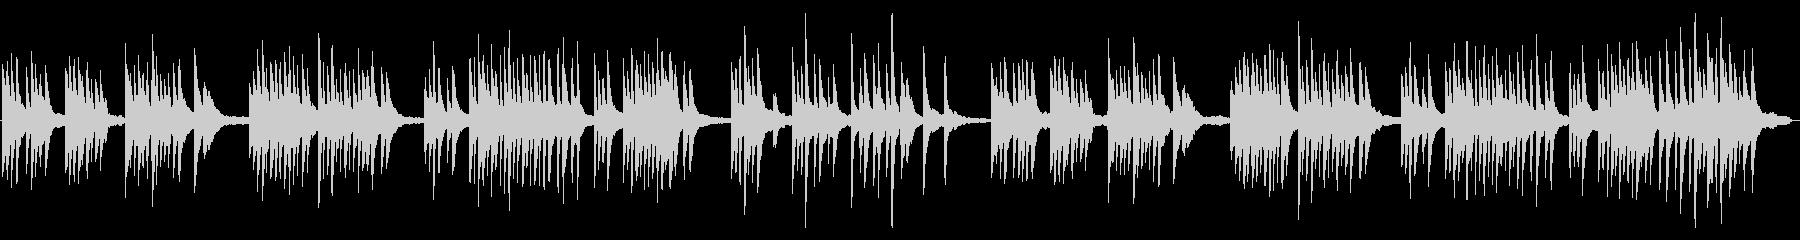 生ピアノの少しセンチメンタルな曲調の未再生の波形